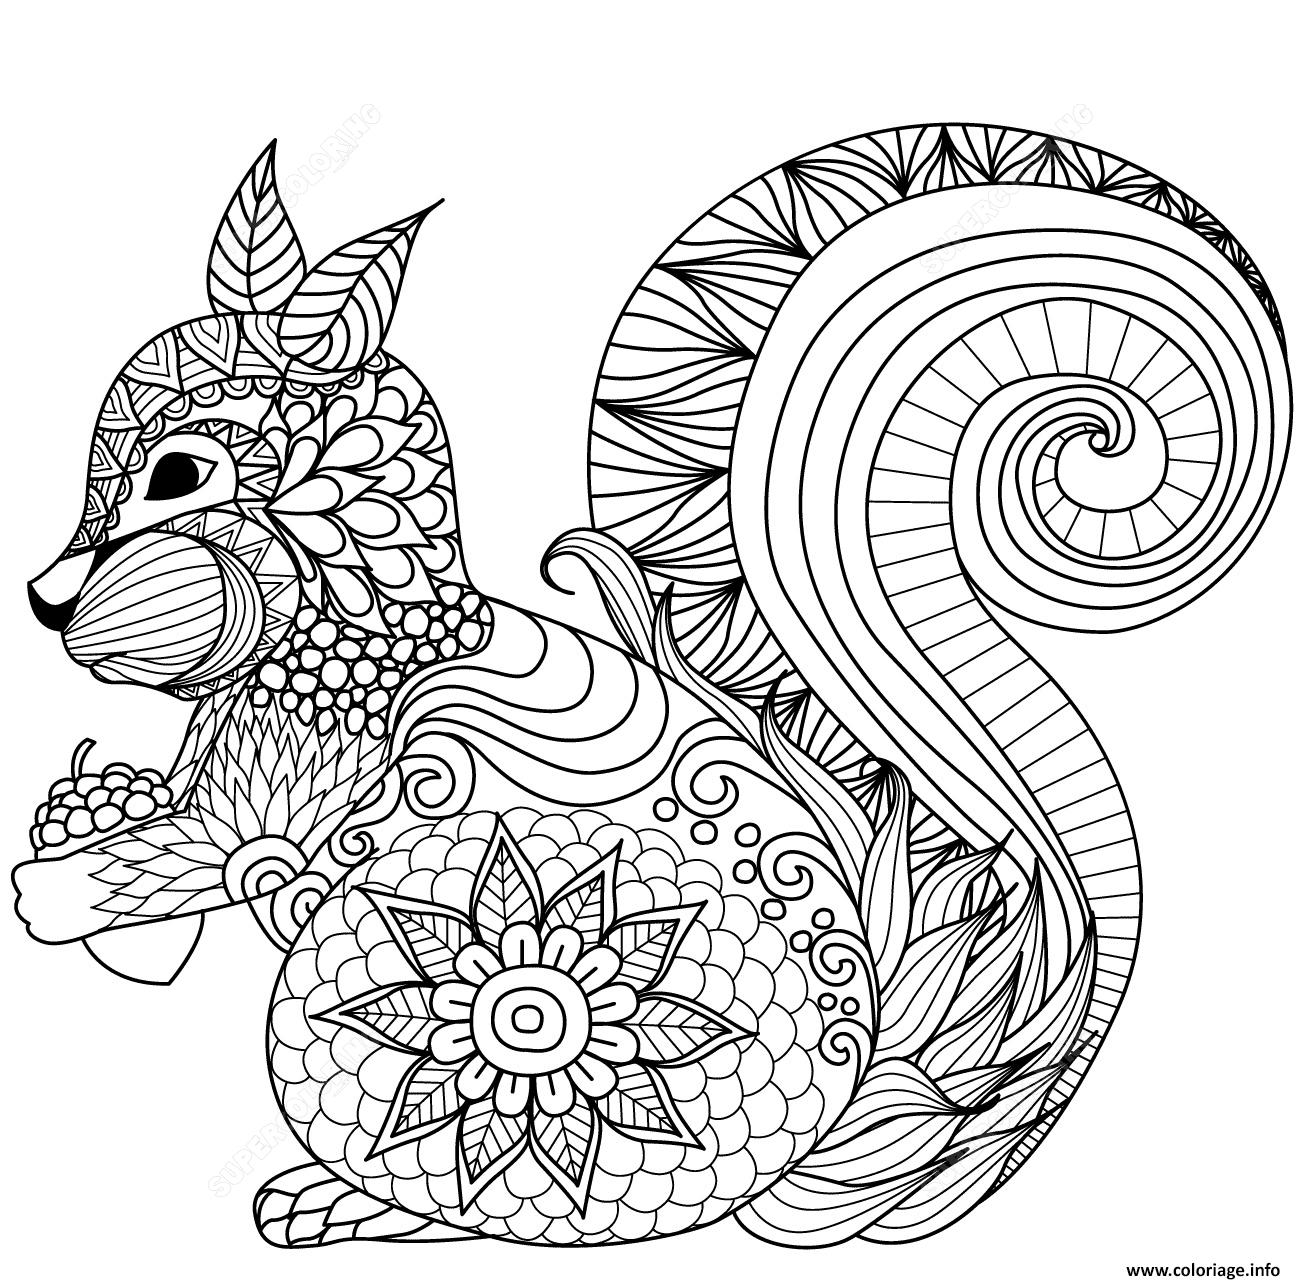 Dessin squirrel zentangle adulte_1 Coloriage Gratuit à Imprimer